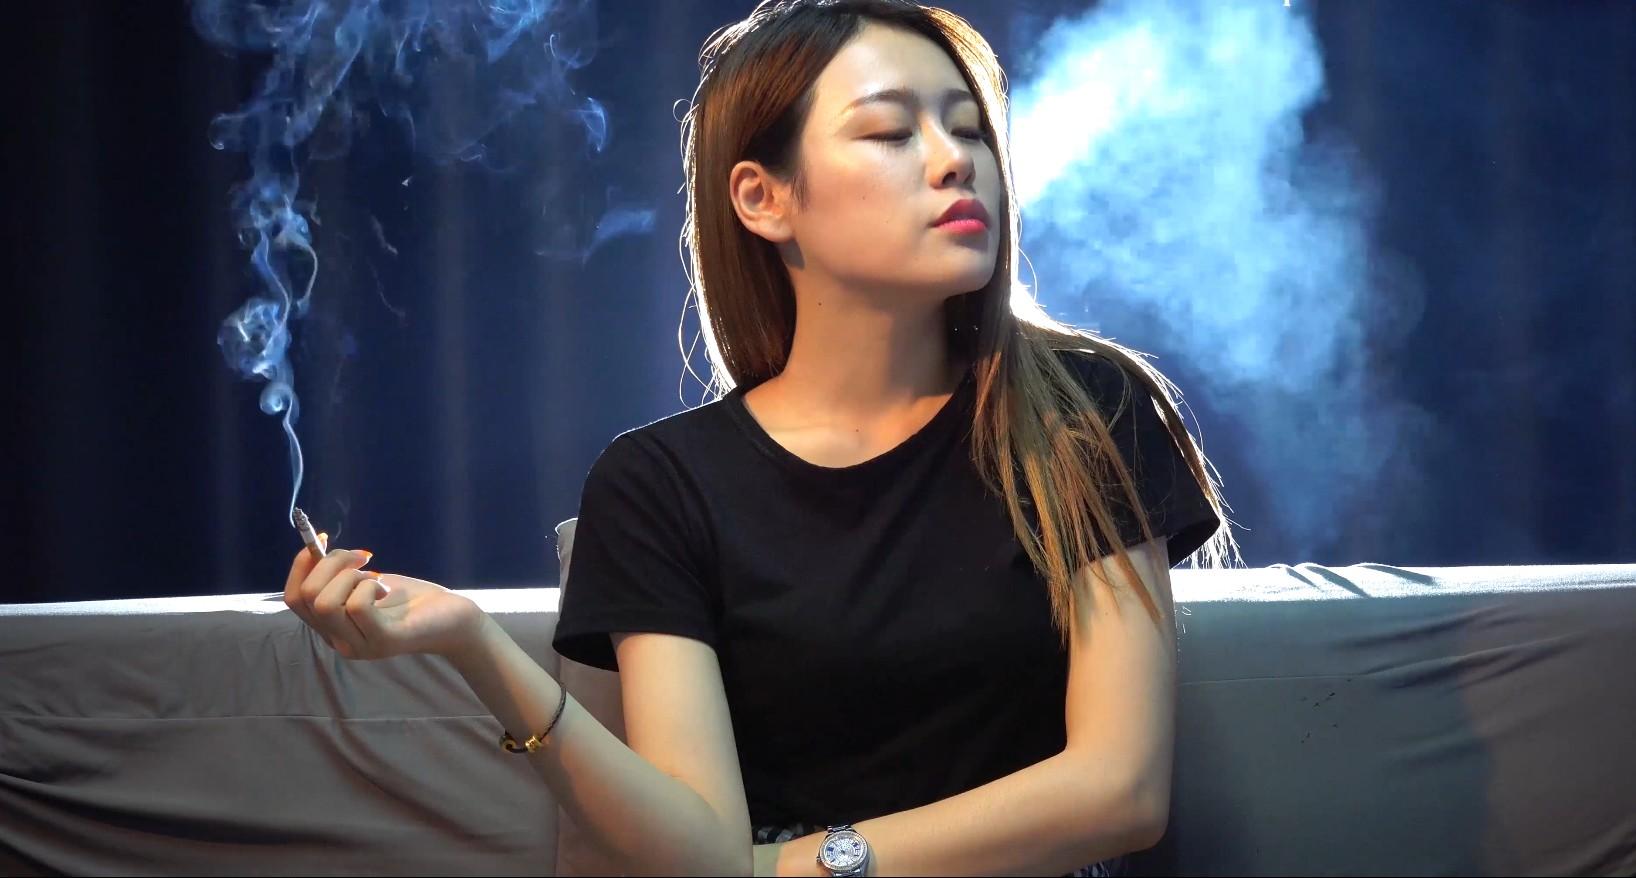 笑容超甜美的极品高颜值小姐姐关于抽烟的问题回答得很有趣